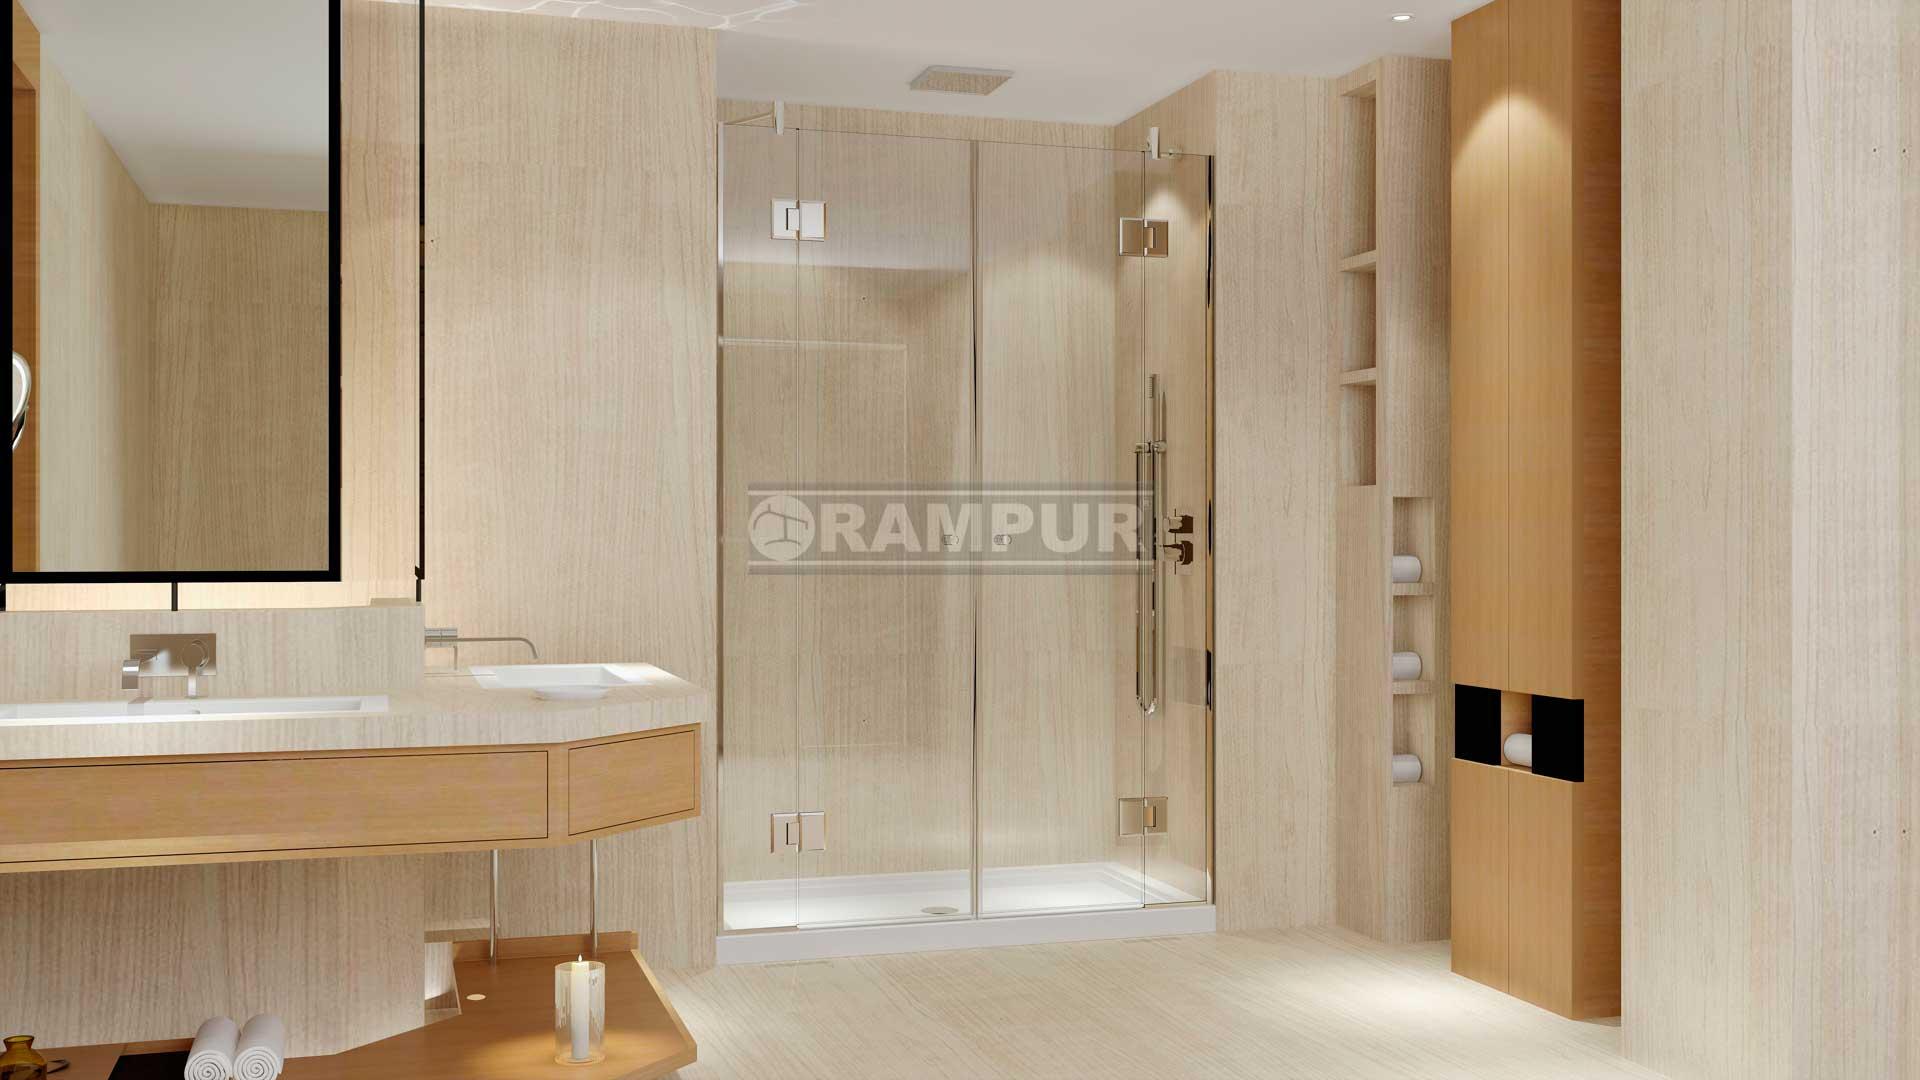 Duchas con puertas de vidrio amazing las puertas de - Puertas para duchas ...